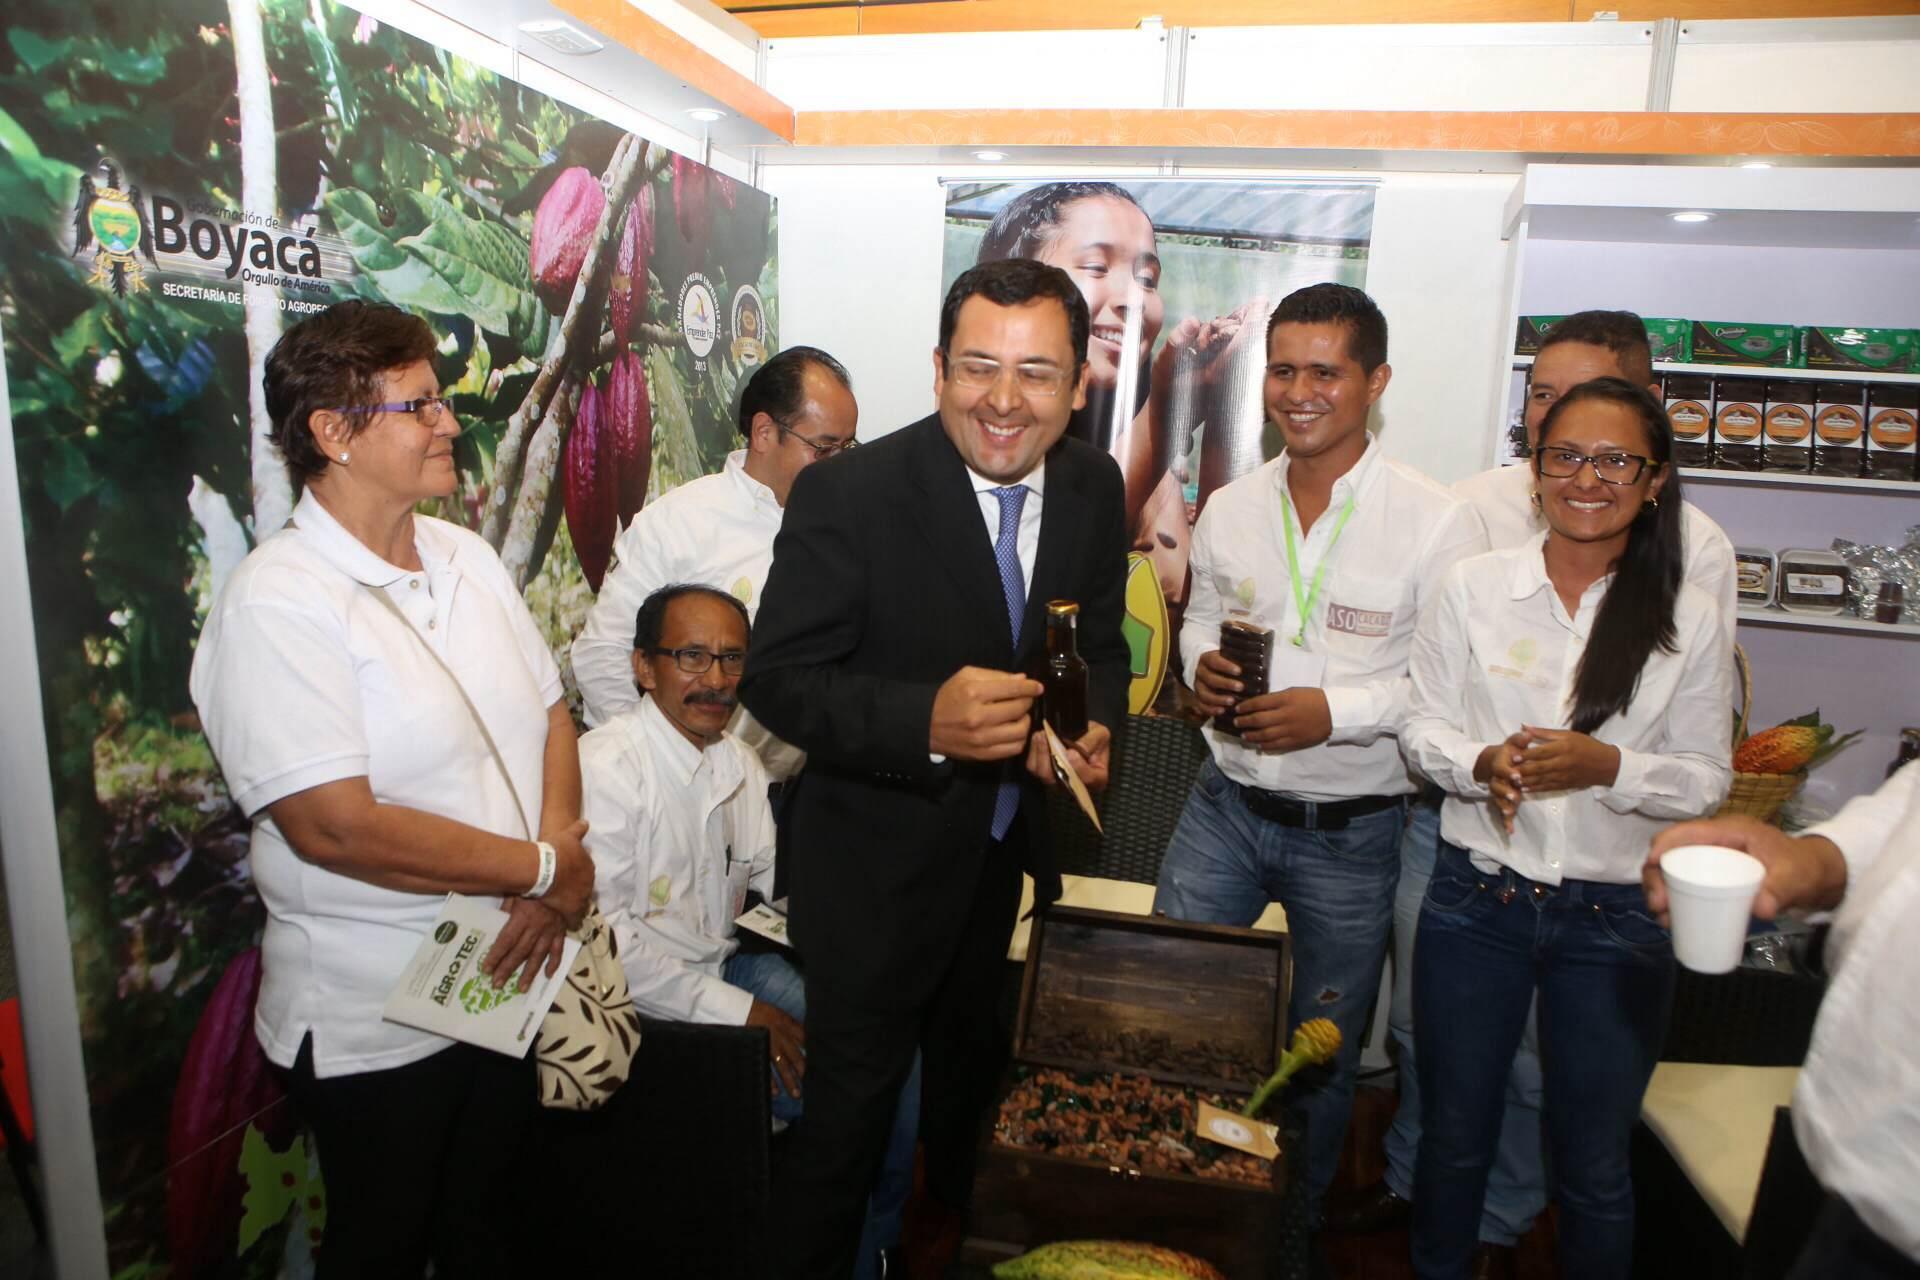 Foto: Rodolfo González Prieto - OPGB